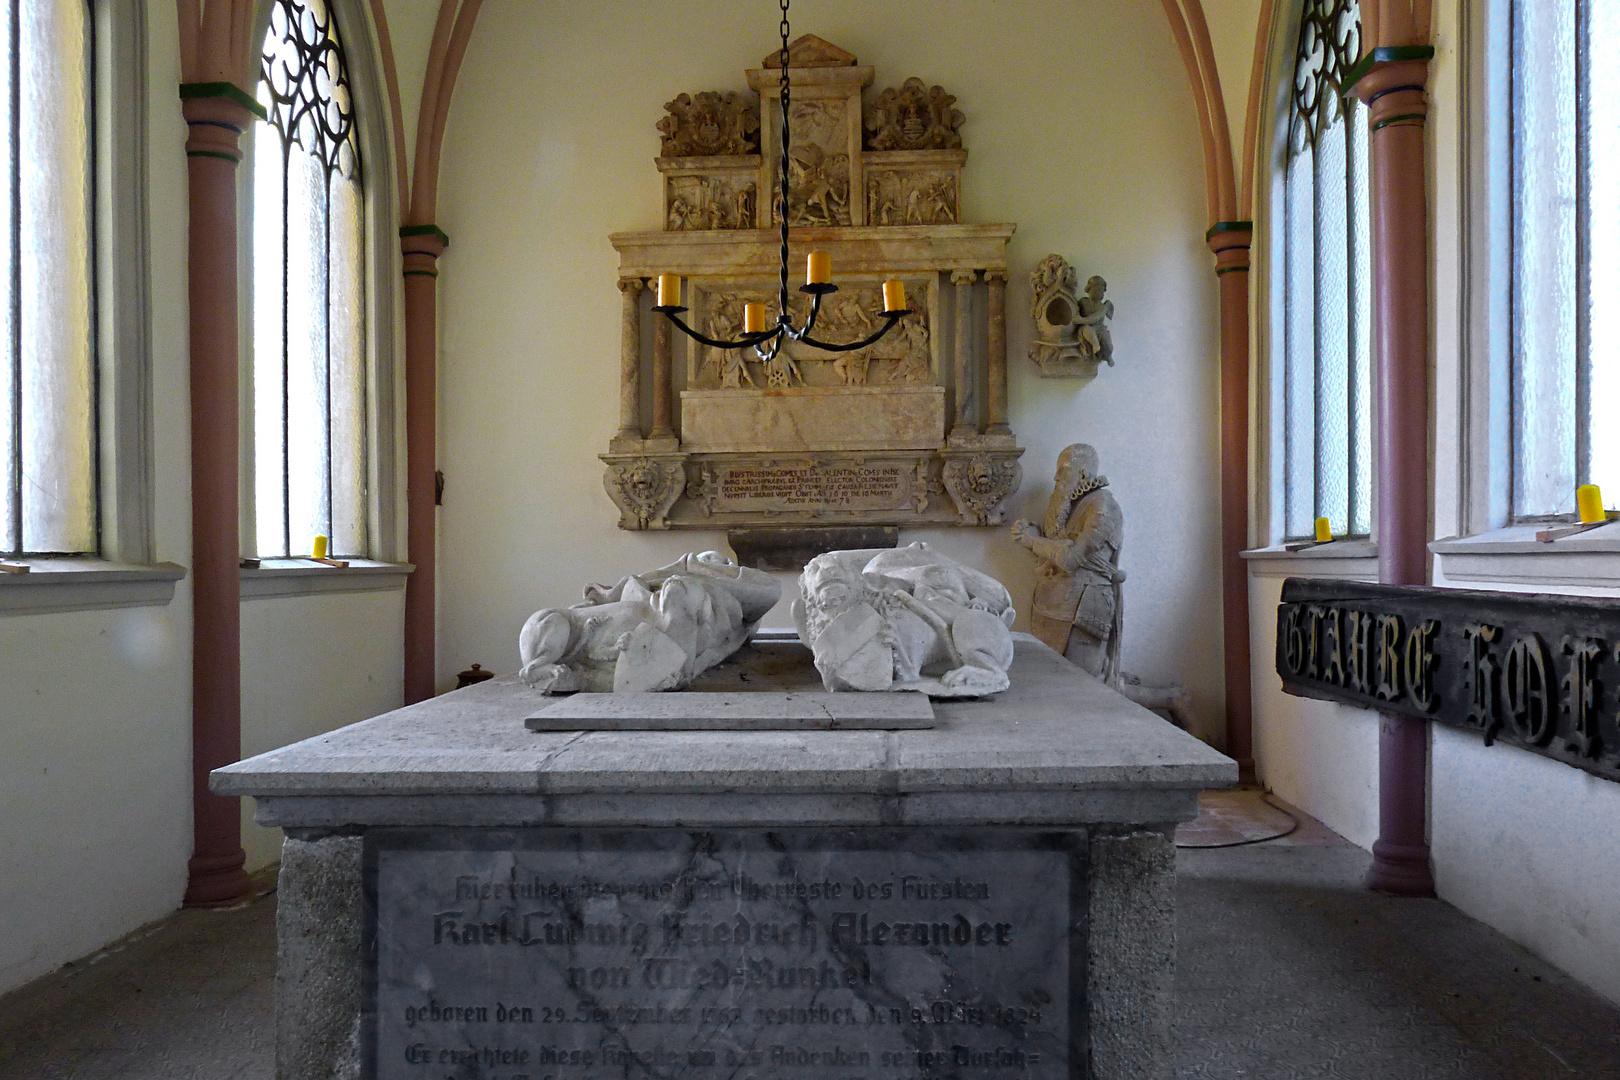 Innenraum des Mausoleums in Dierdorf / Westerwald (mit Liegefiguren und Freifigur)